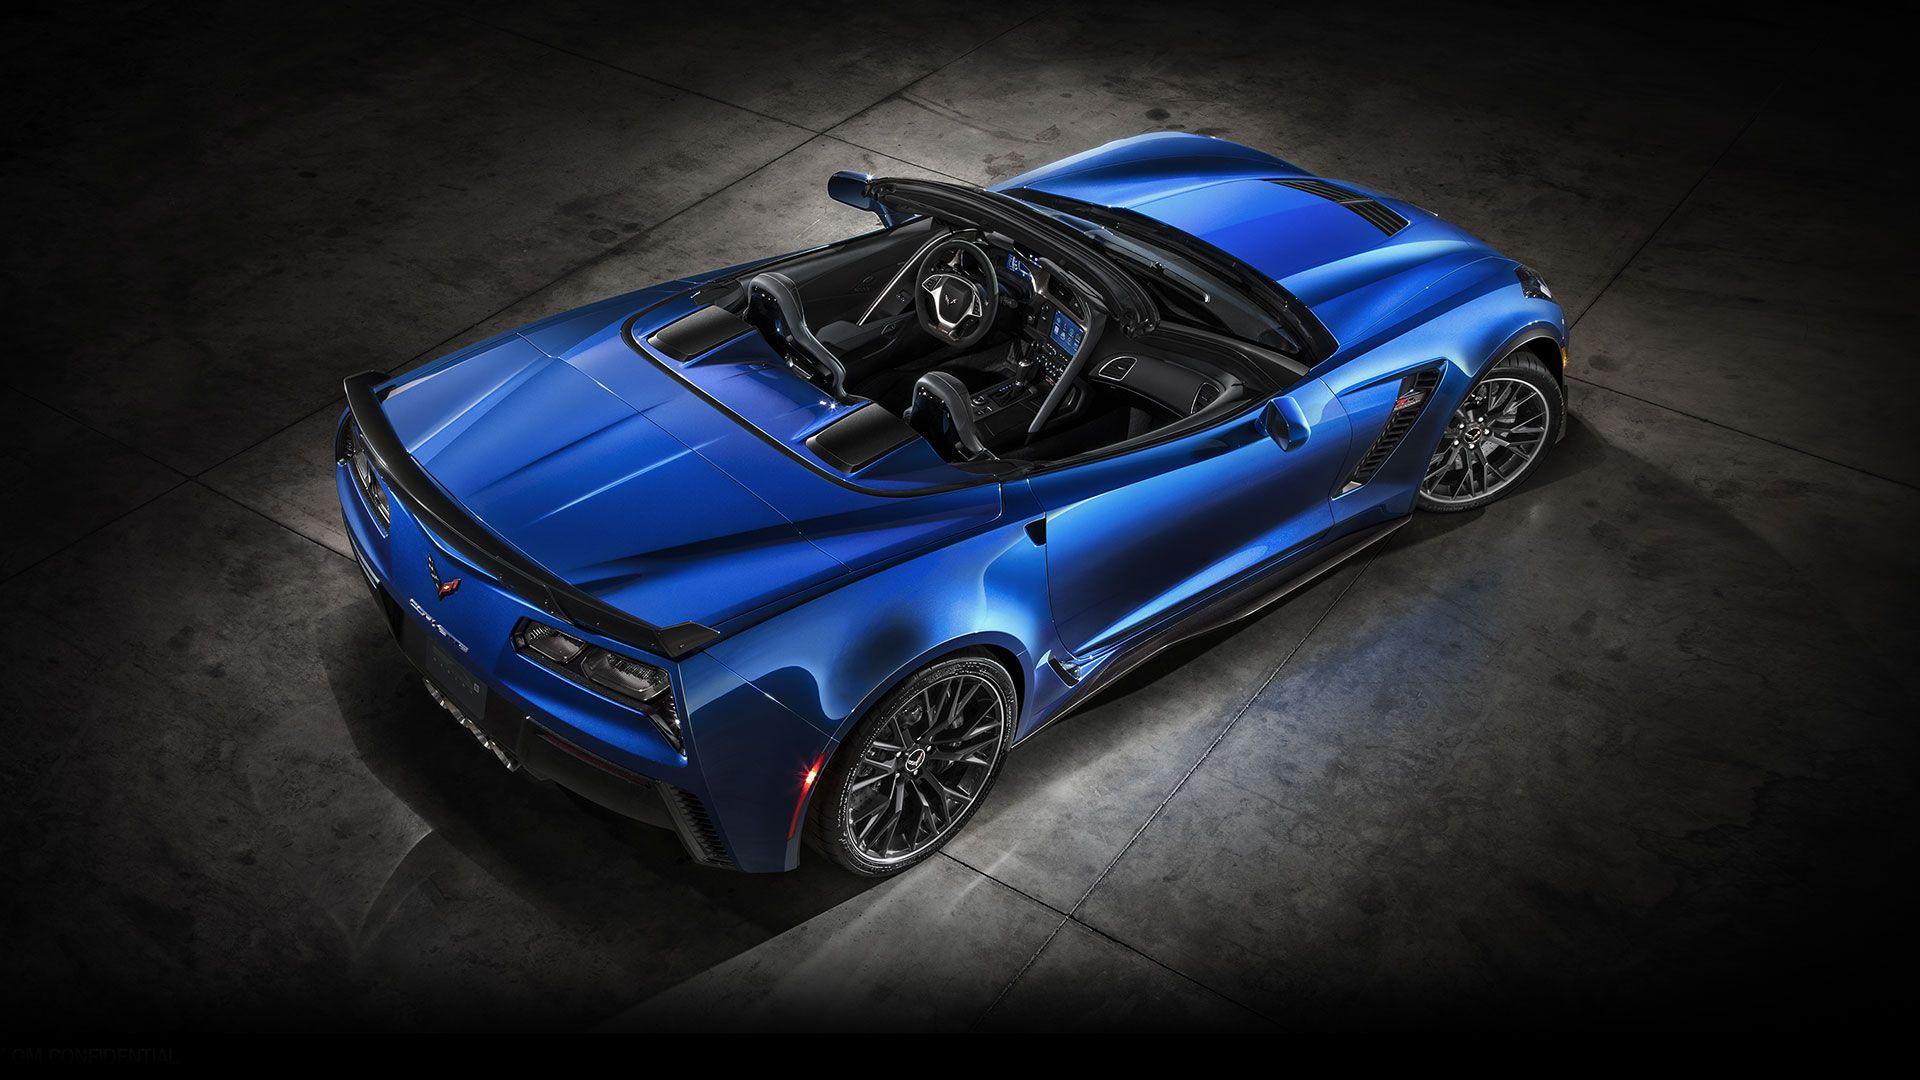 2015 Corvette Z06 Supercar Exterior Pictures Chevrolet